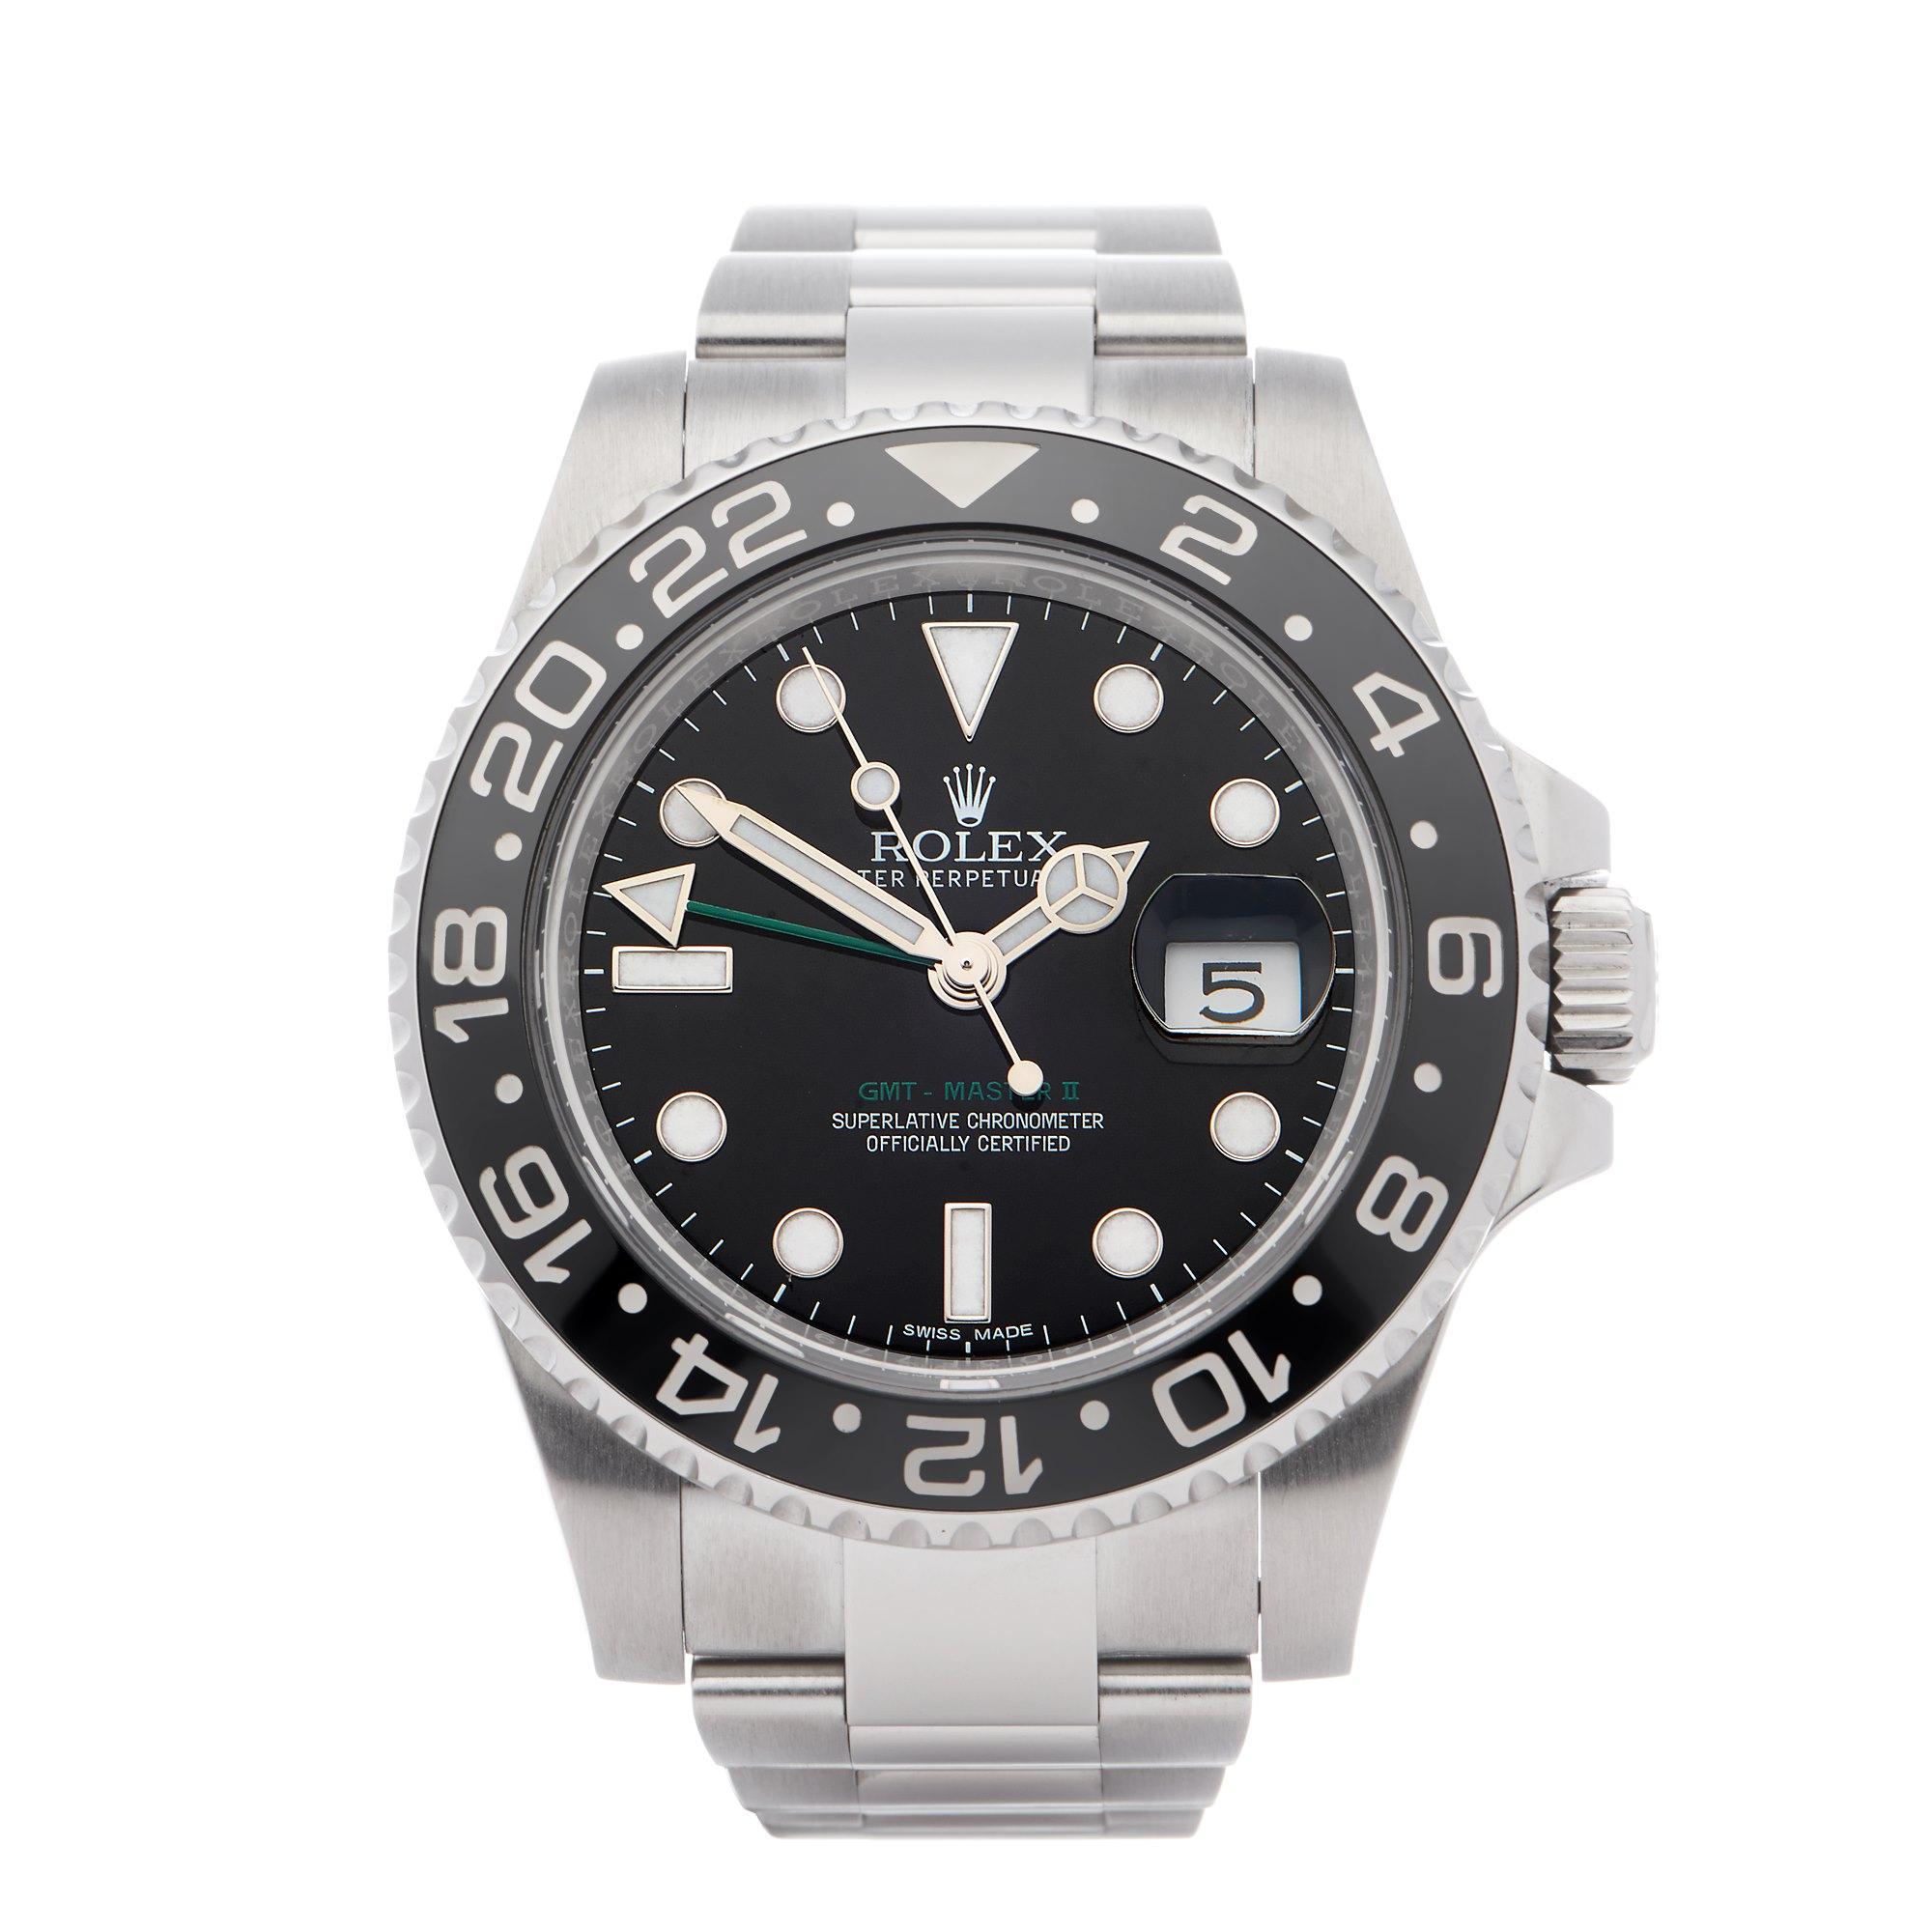 Rolex GMT-Master II 0 116710LN Men Stainless Steel 0 Watch